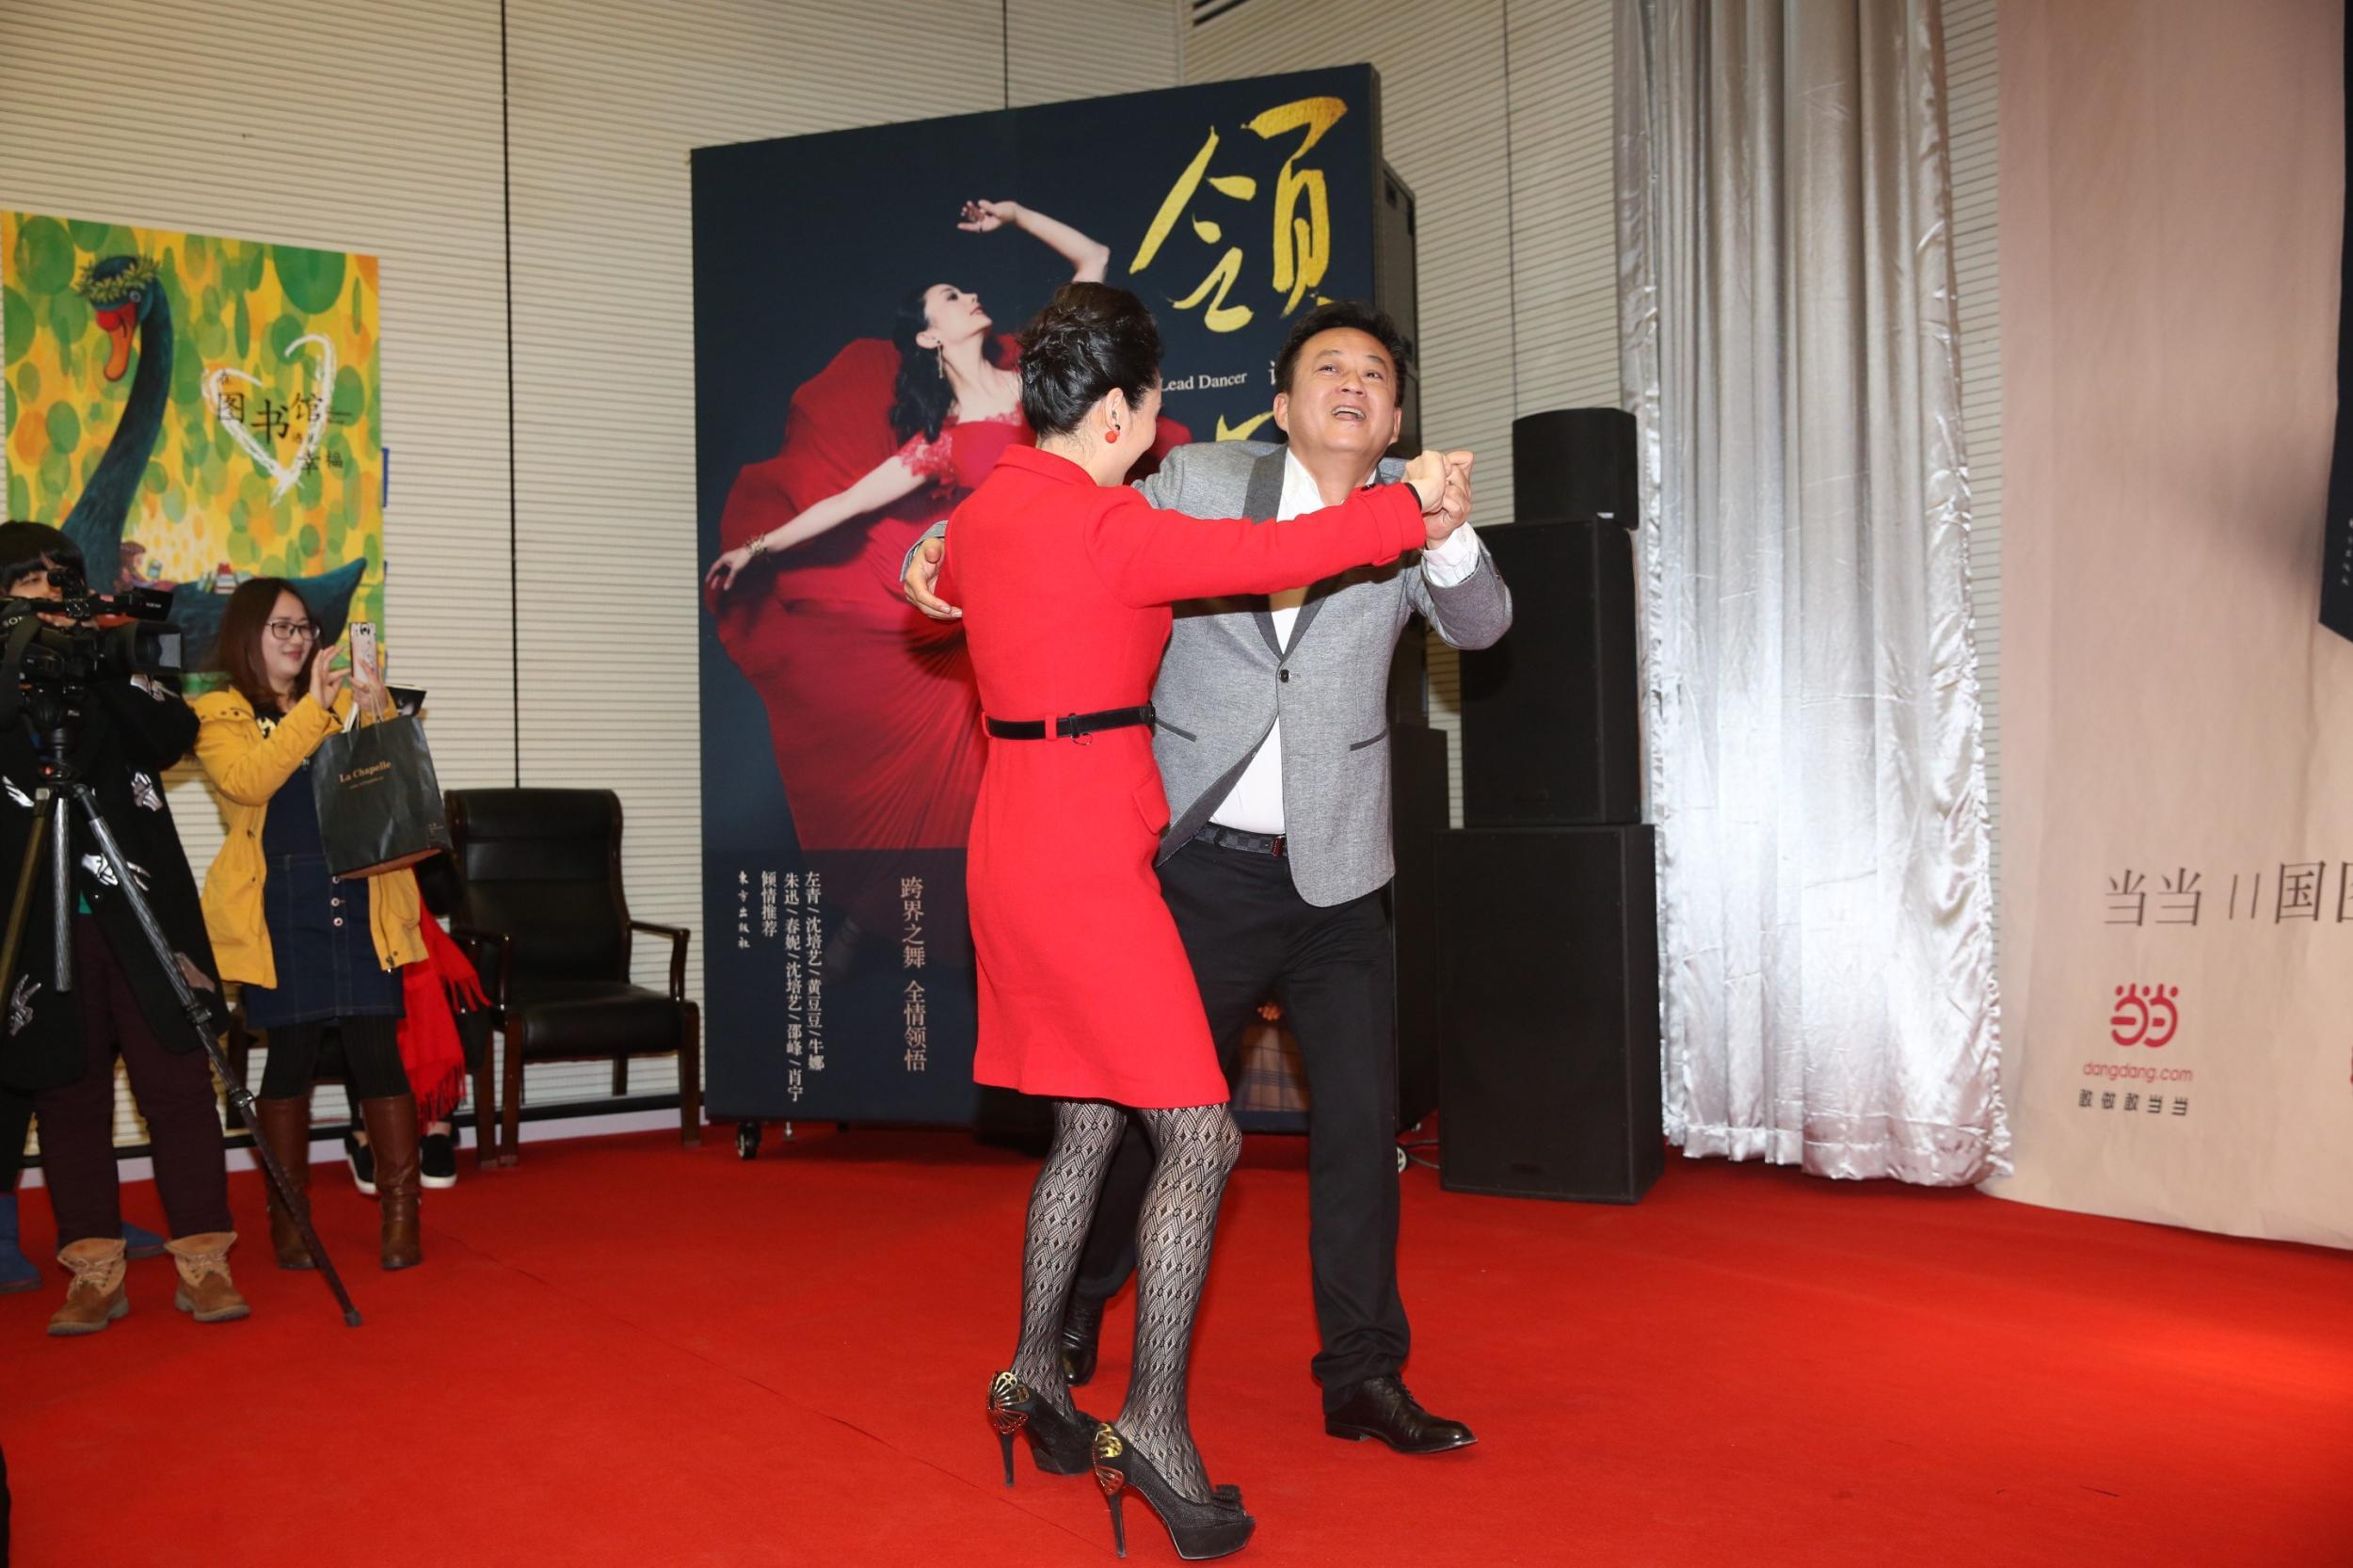 朱军现身妻子新书发布会 两人当众亲吻_屯昌新闻网_屯昌重点新闻网站